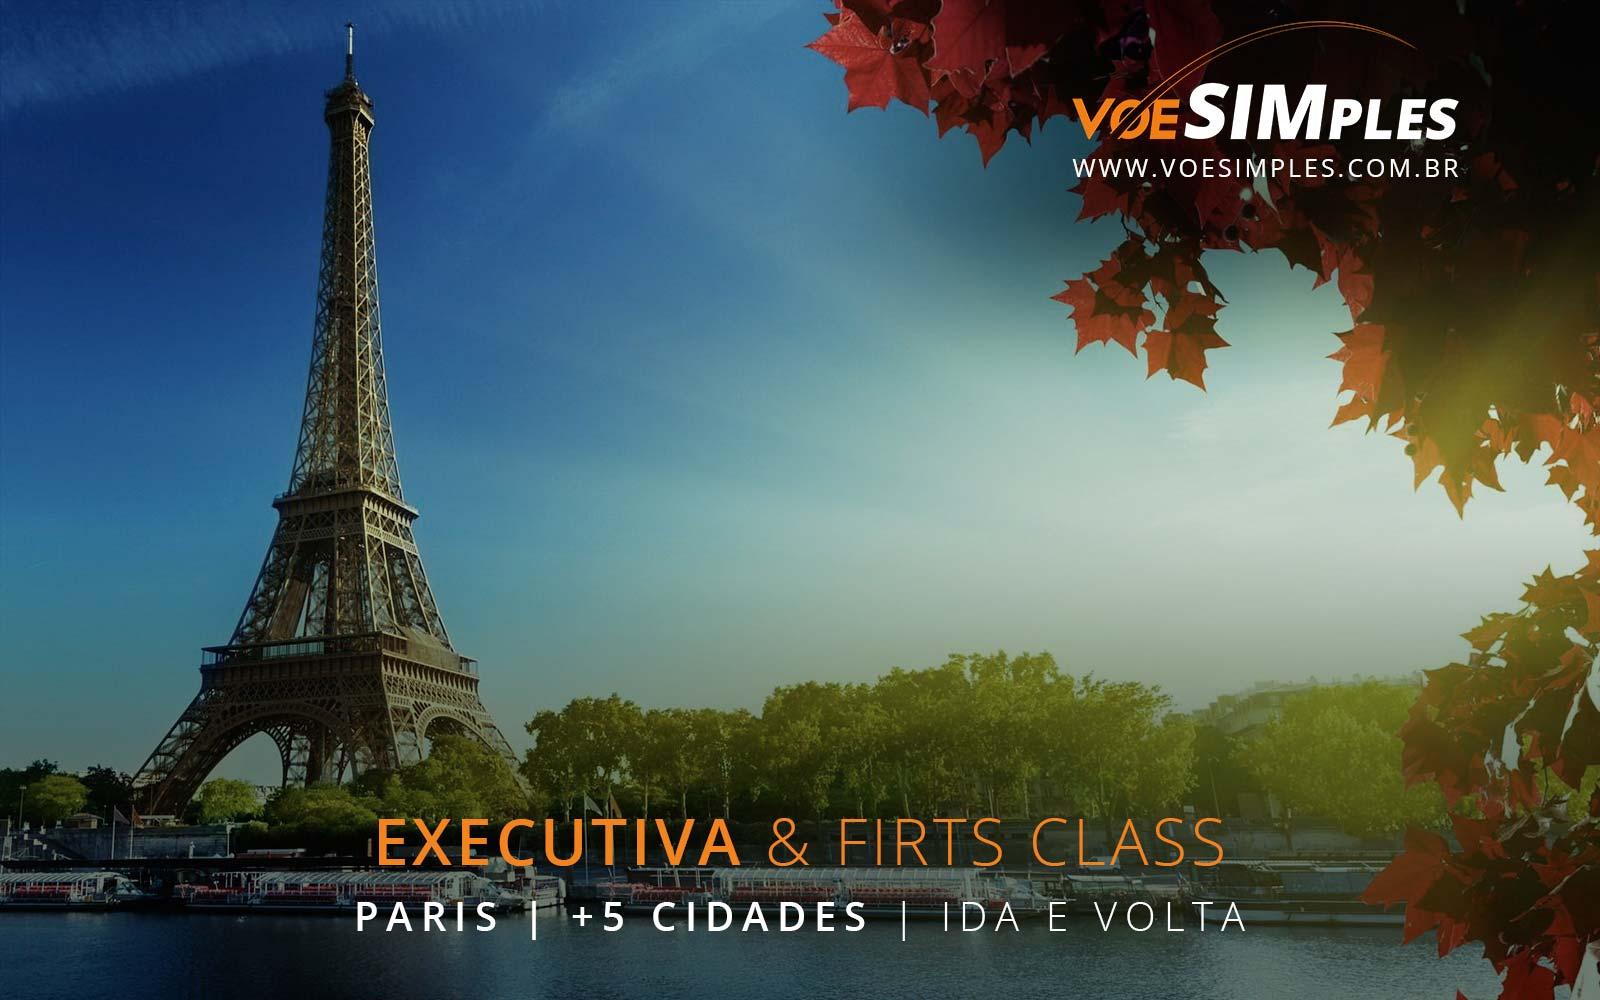 Voos em Classe Executiva da Alitalia para Paris, Londres, Amsterdam, Roma, Frankfurt e Madri na Europa.